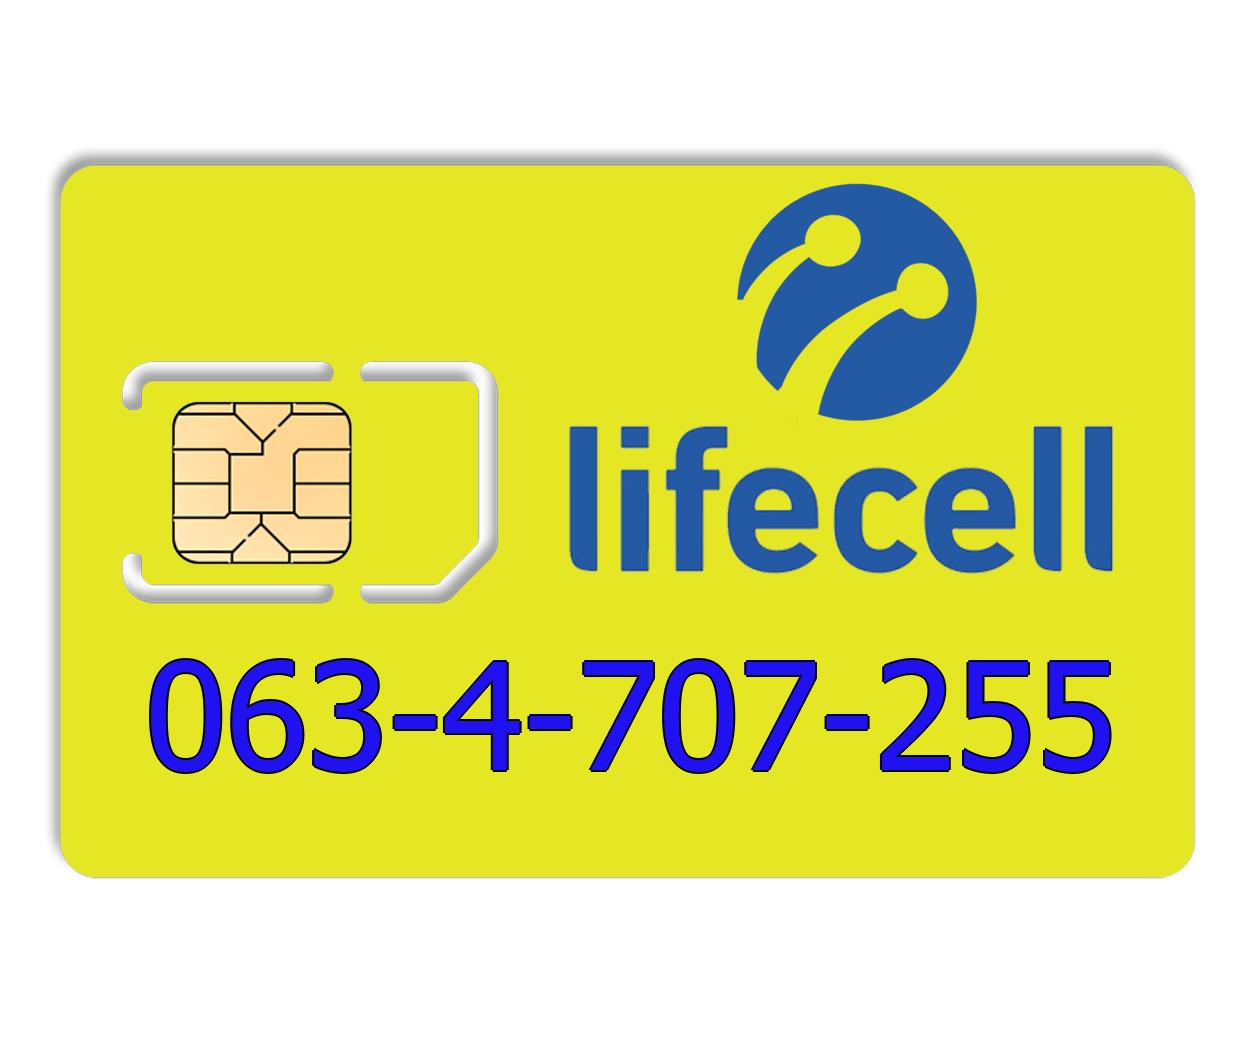 Красивый номер lifecell 063-4-707-255